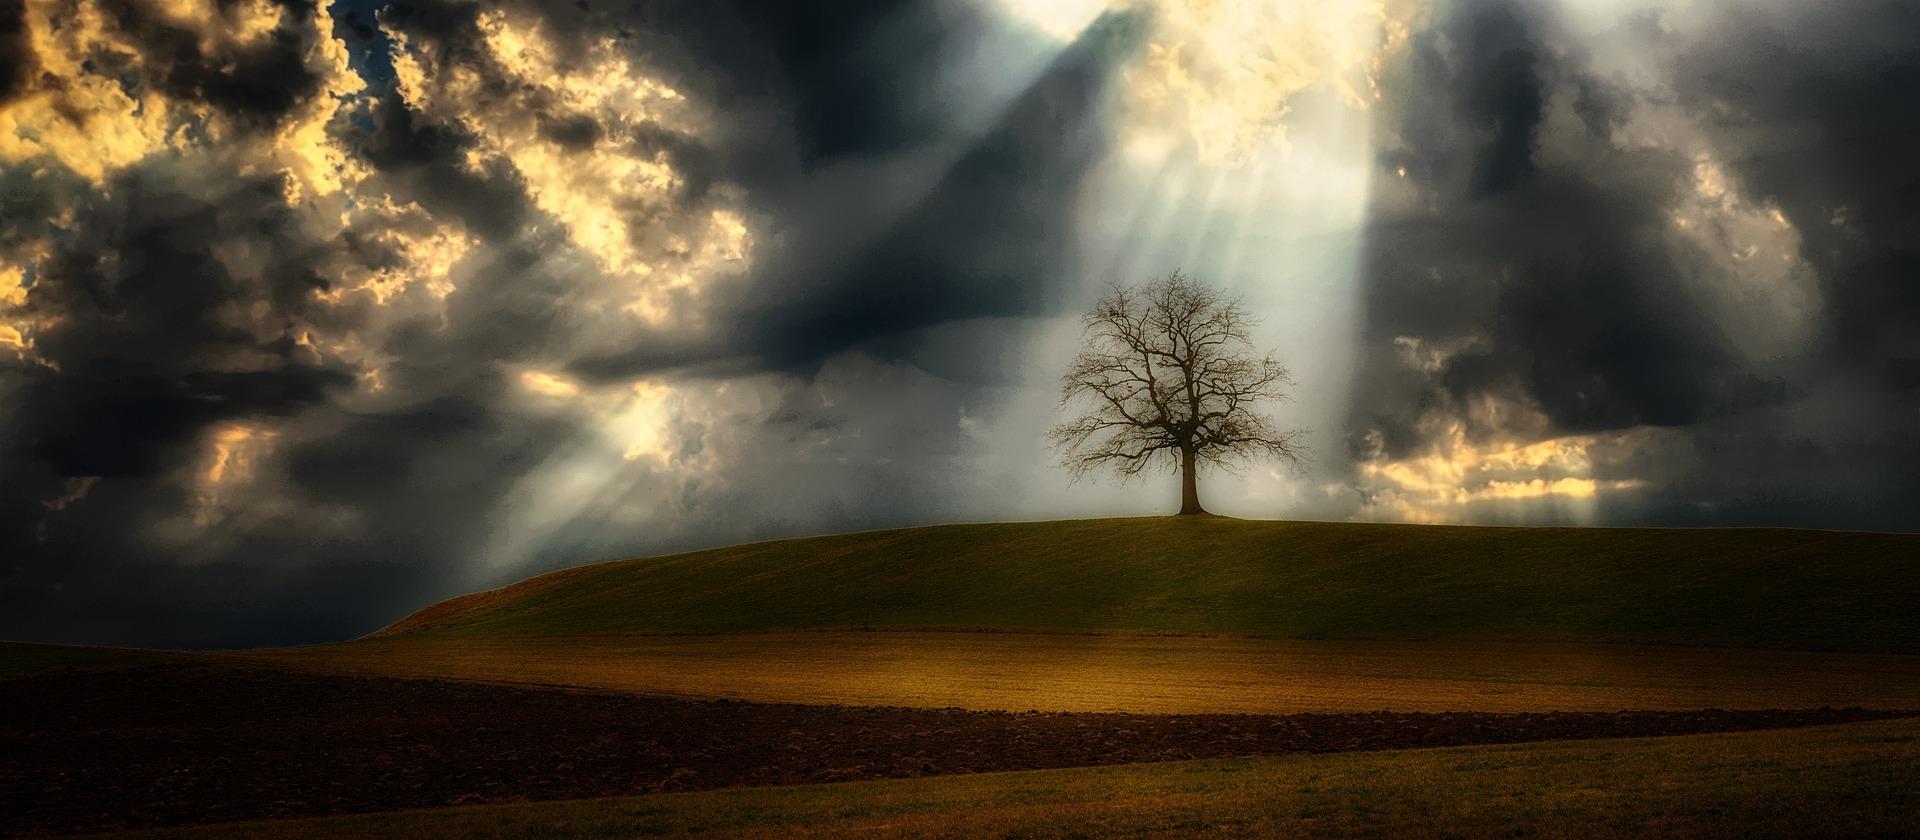 Baum vor Gewitterhimmel